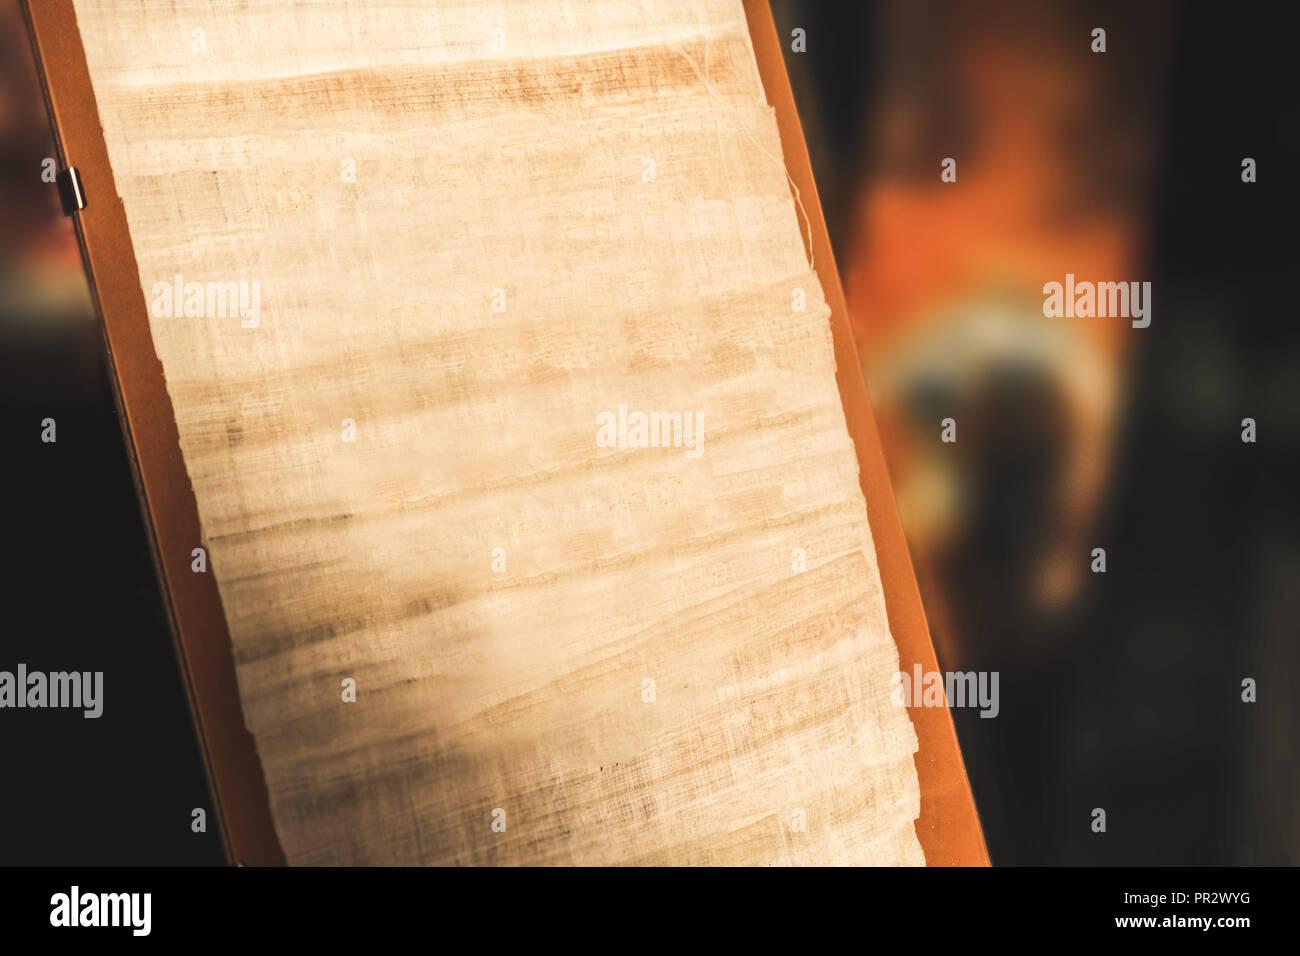 blank manuscript ancient empty parchment background - Stock Image